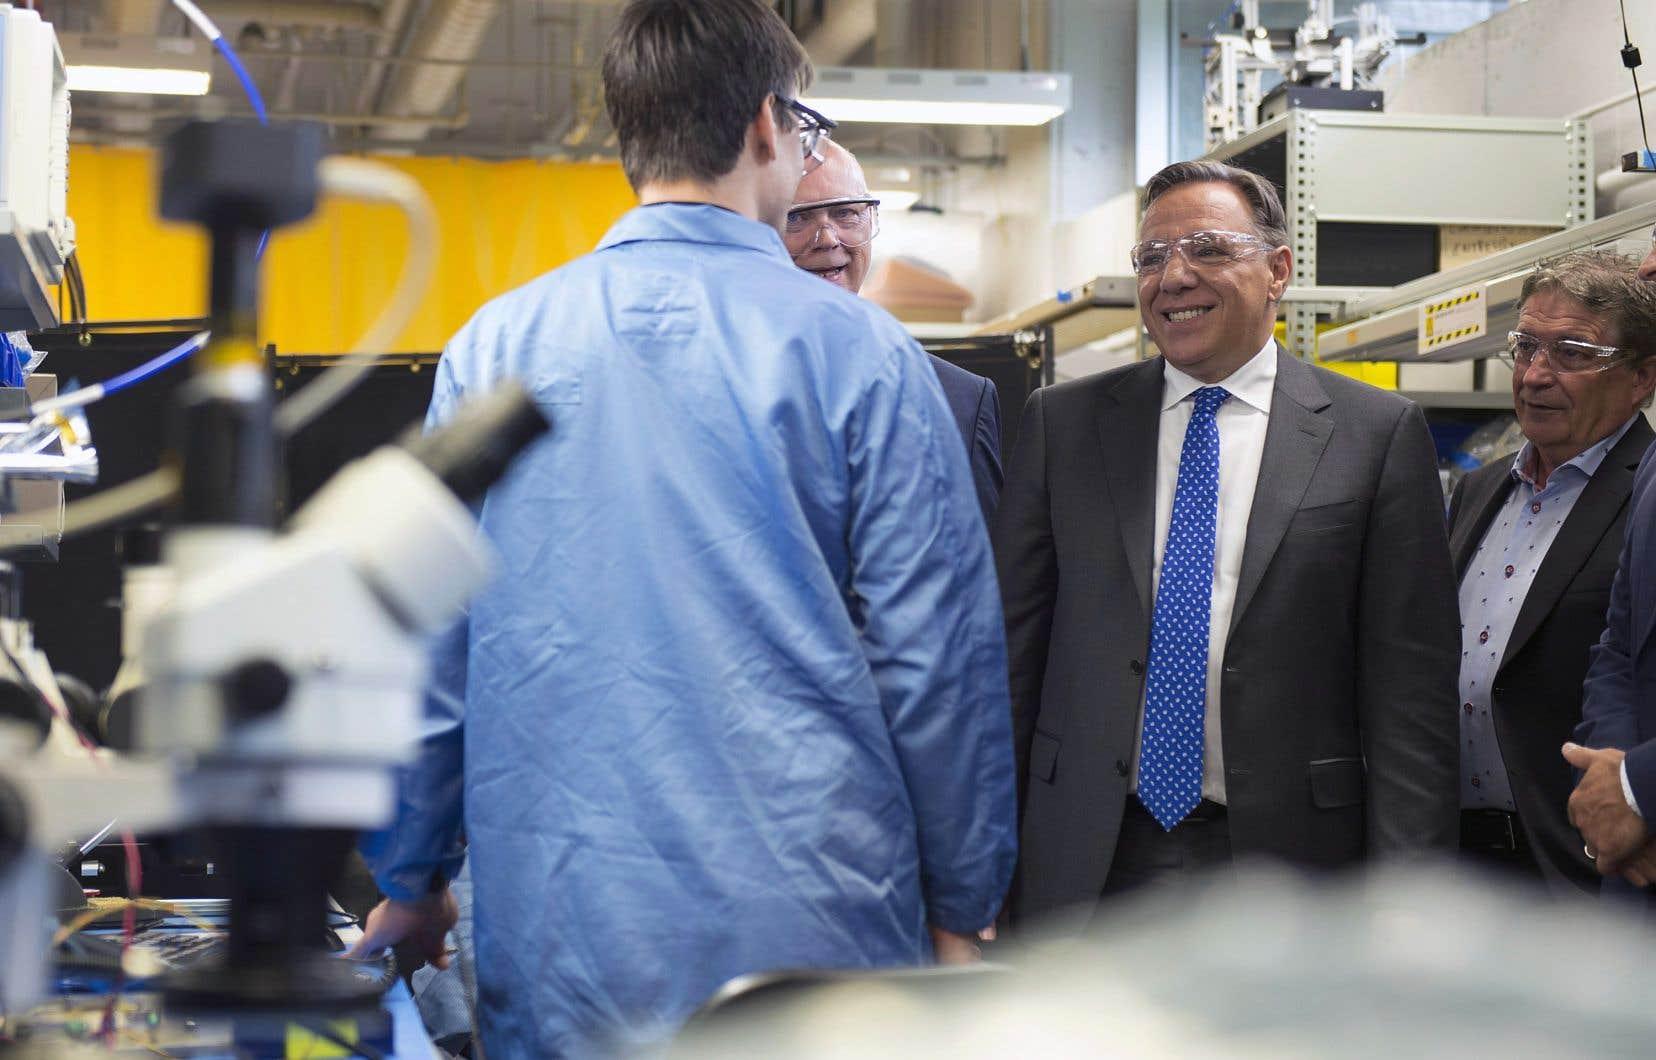 Le chef caquiste a visité les installations d'une entreprise de haute technologie sise dans la ville de Québec, mardi.